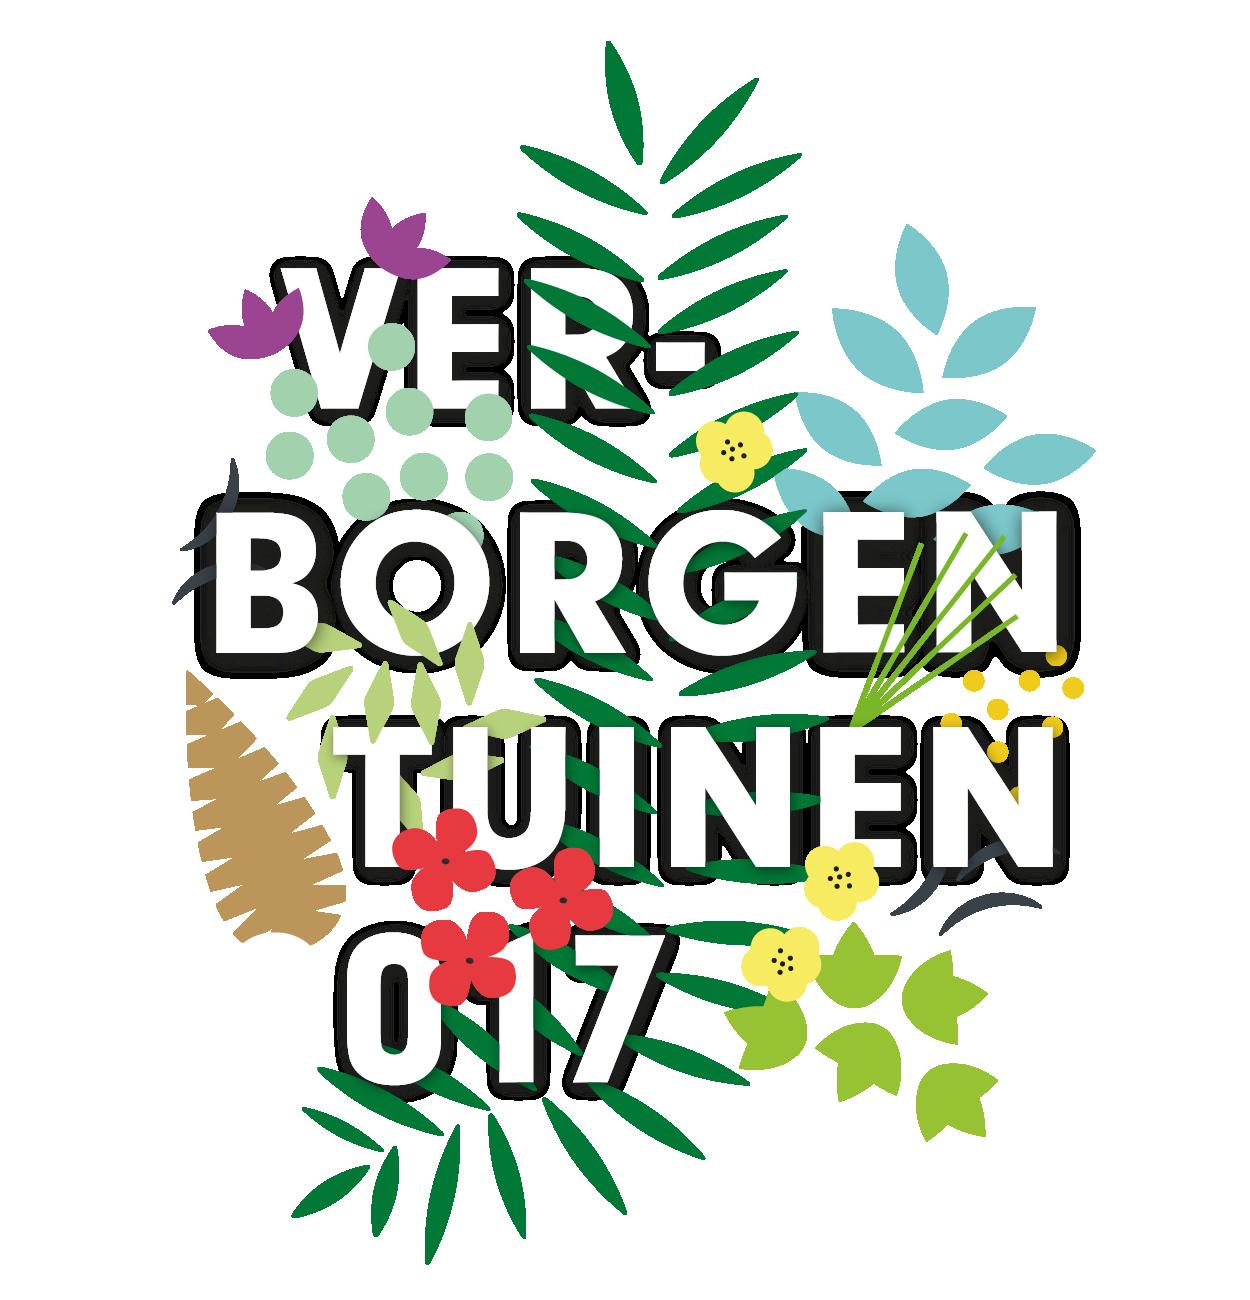 Verborgen Tuinen 2017